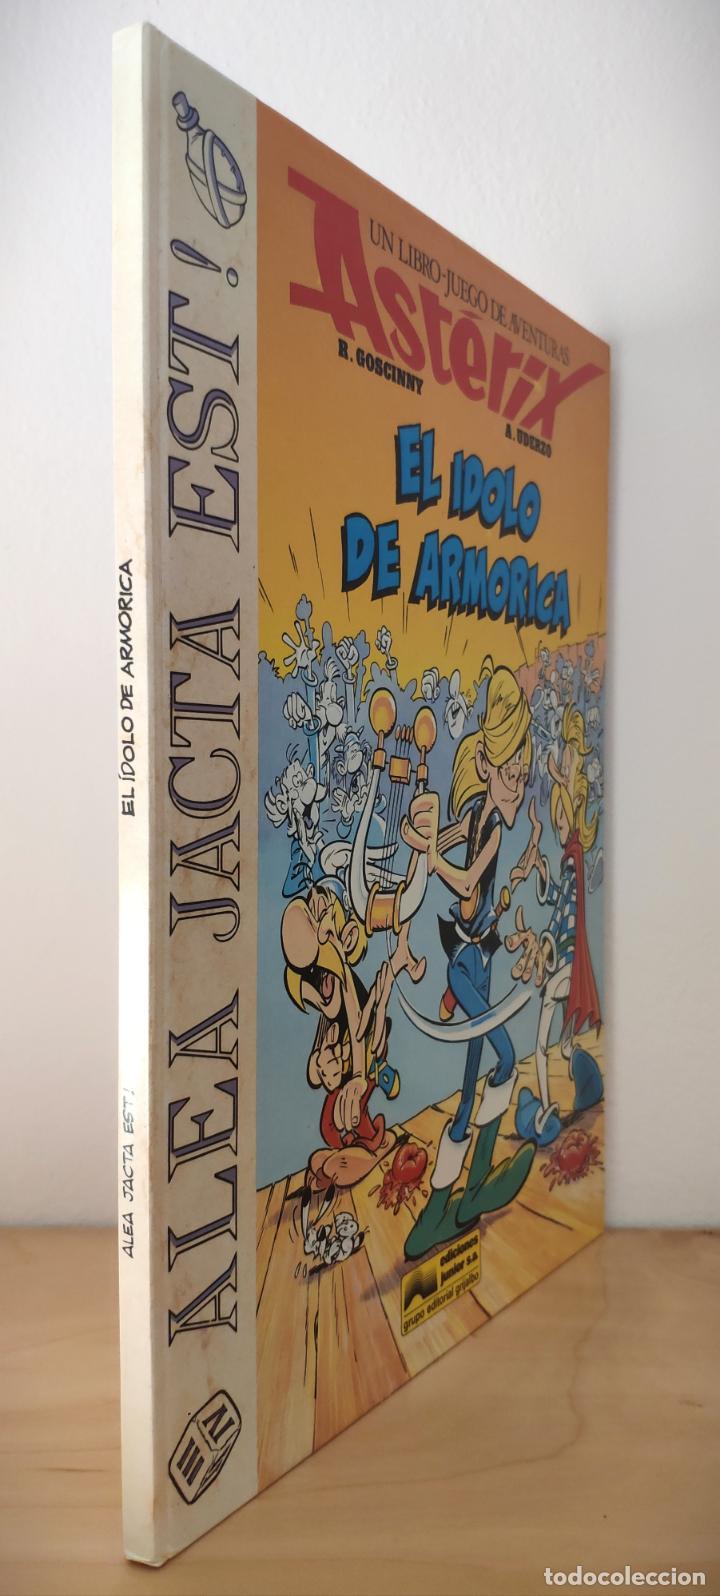 Cómics: ASTÉRIX ALEA JACTA EST Nº 2 EL ÍDOLO DE ARMORICA - GRIJALBO 1988 - LIBRO JUEGO - RARO - Foto 2 - 195313772